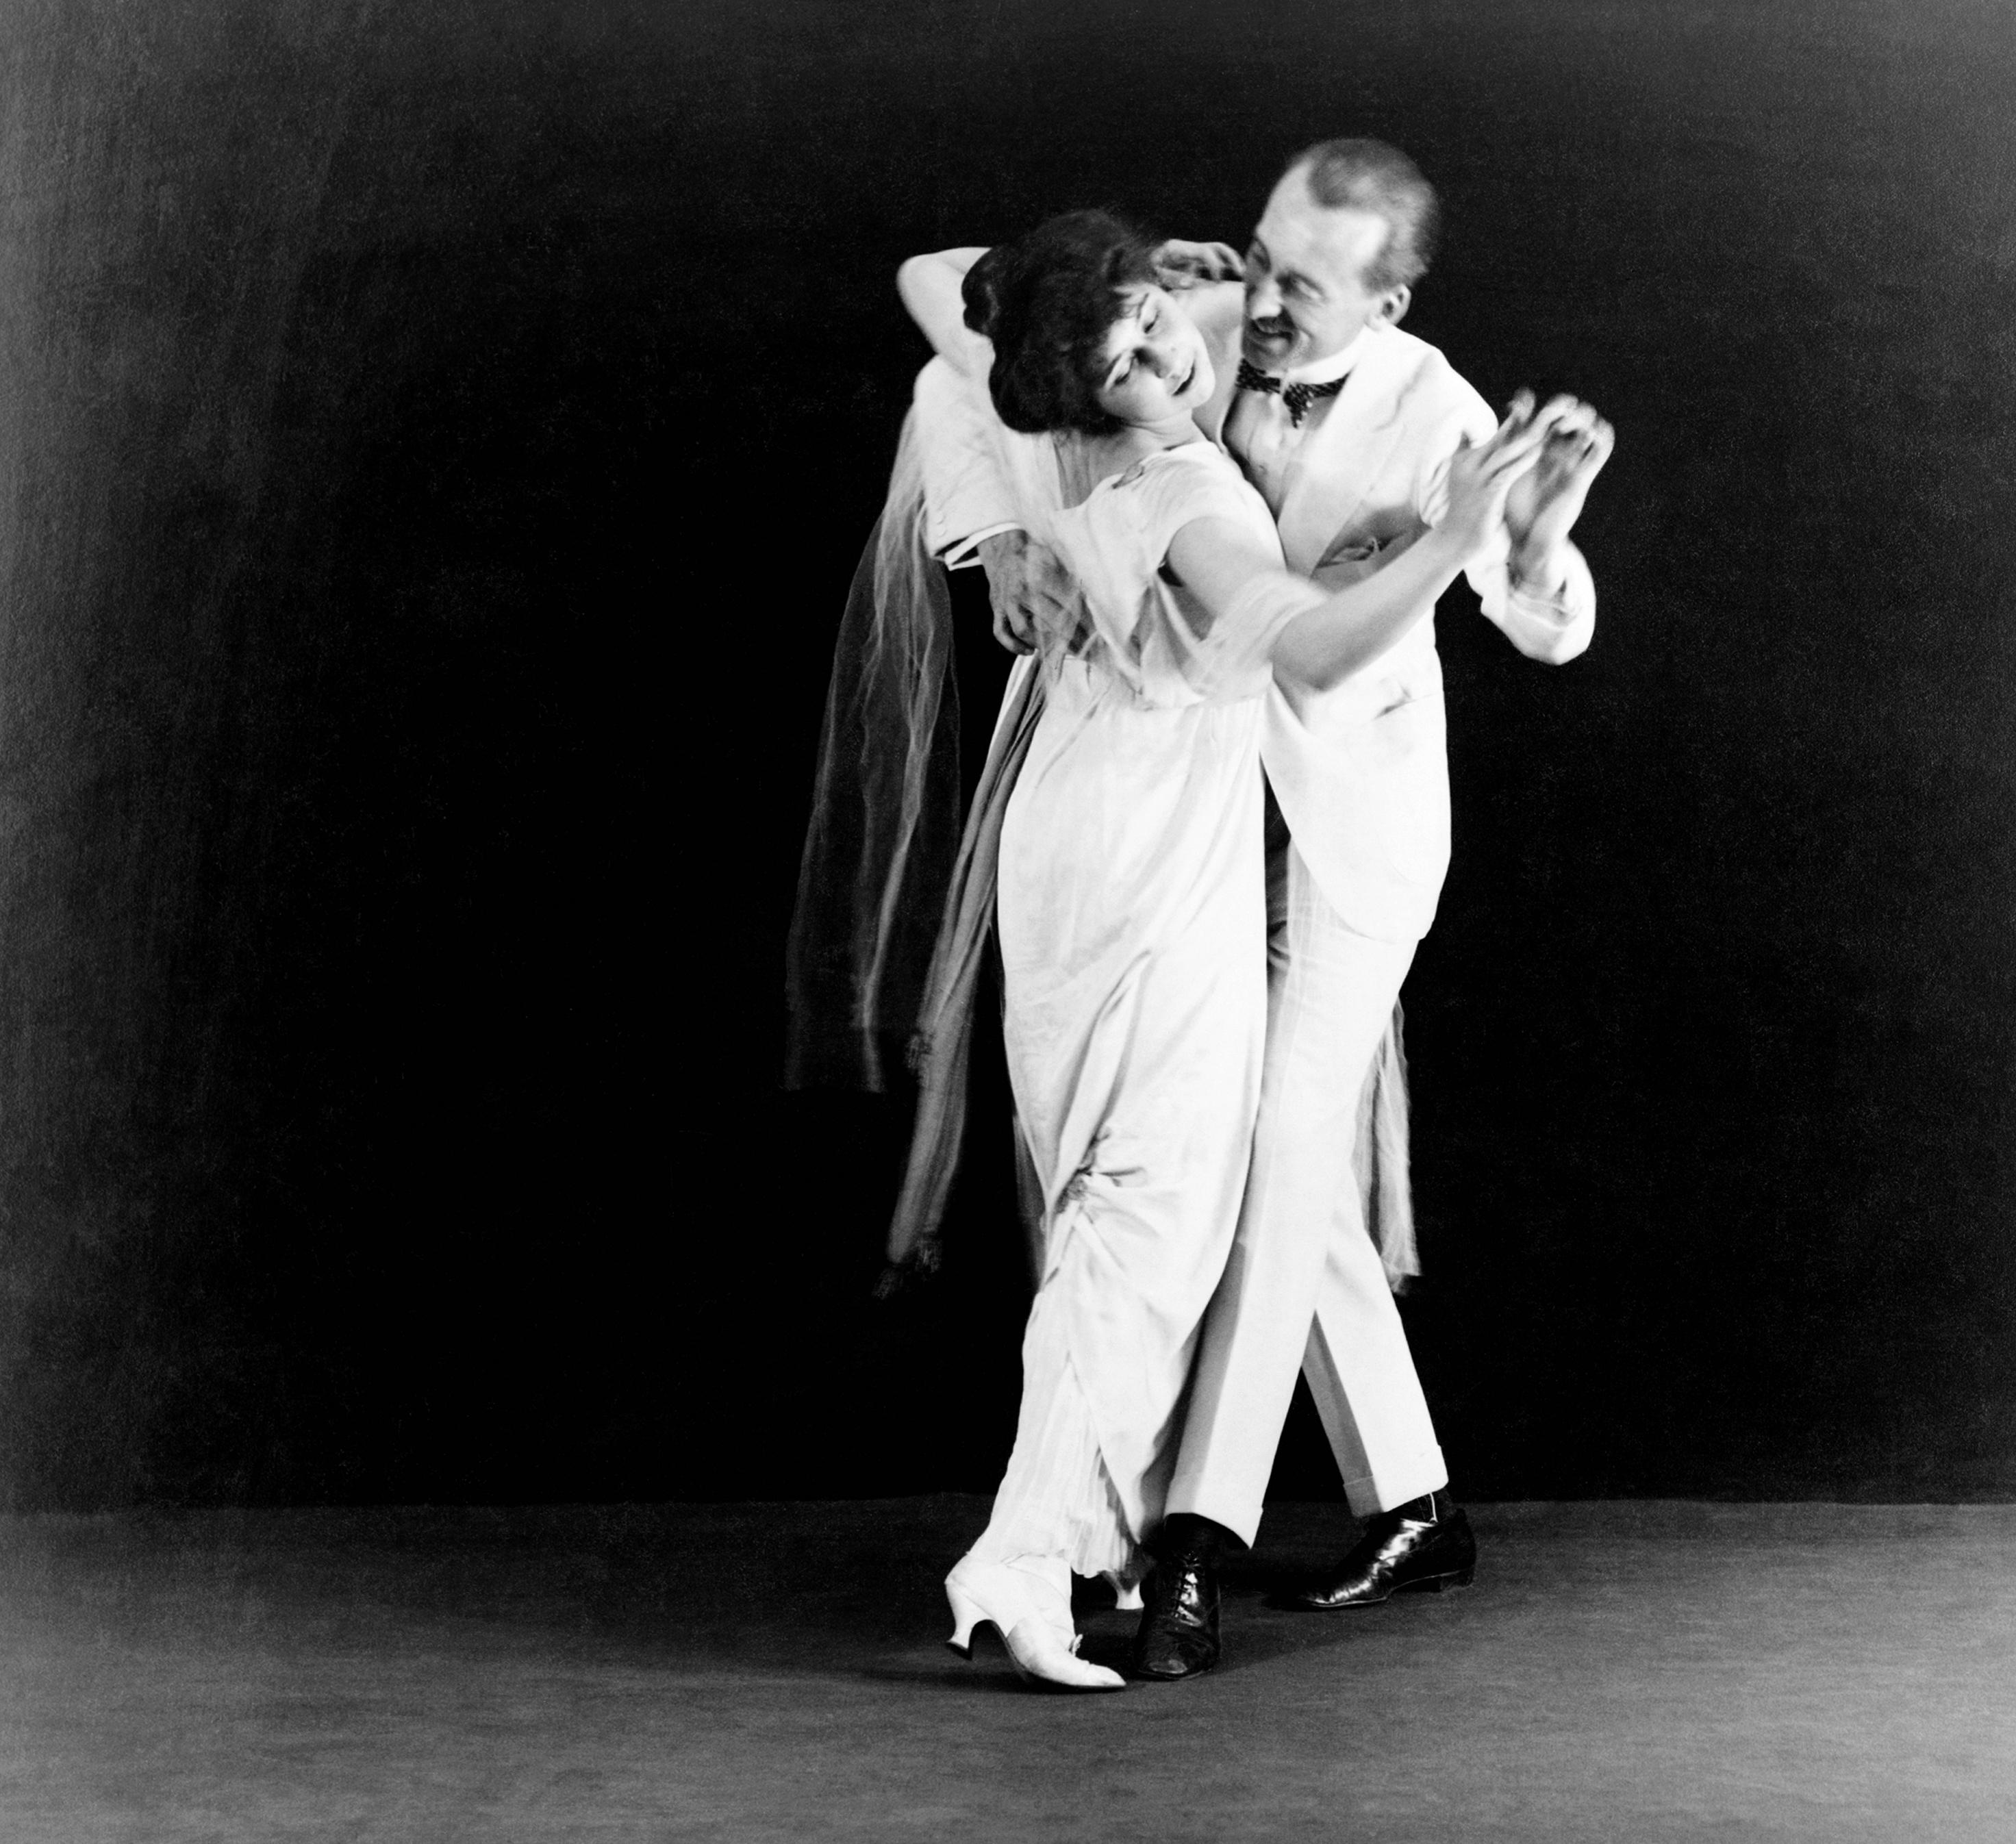 HQ Ballroom Dancing Wallpapers | File 2982.36Kb